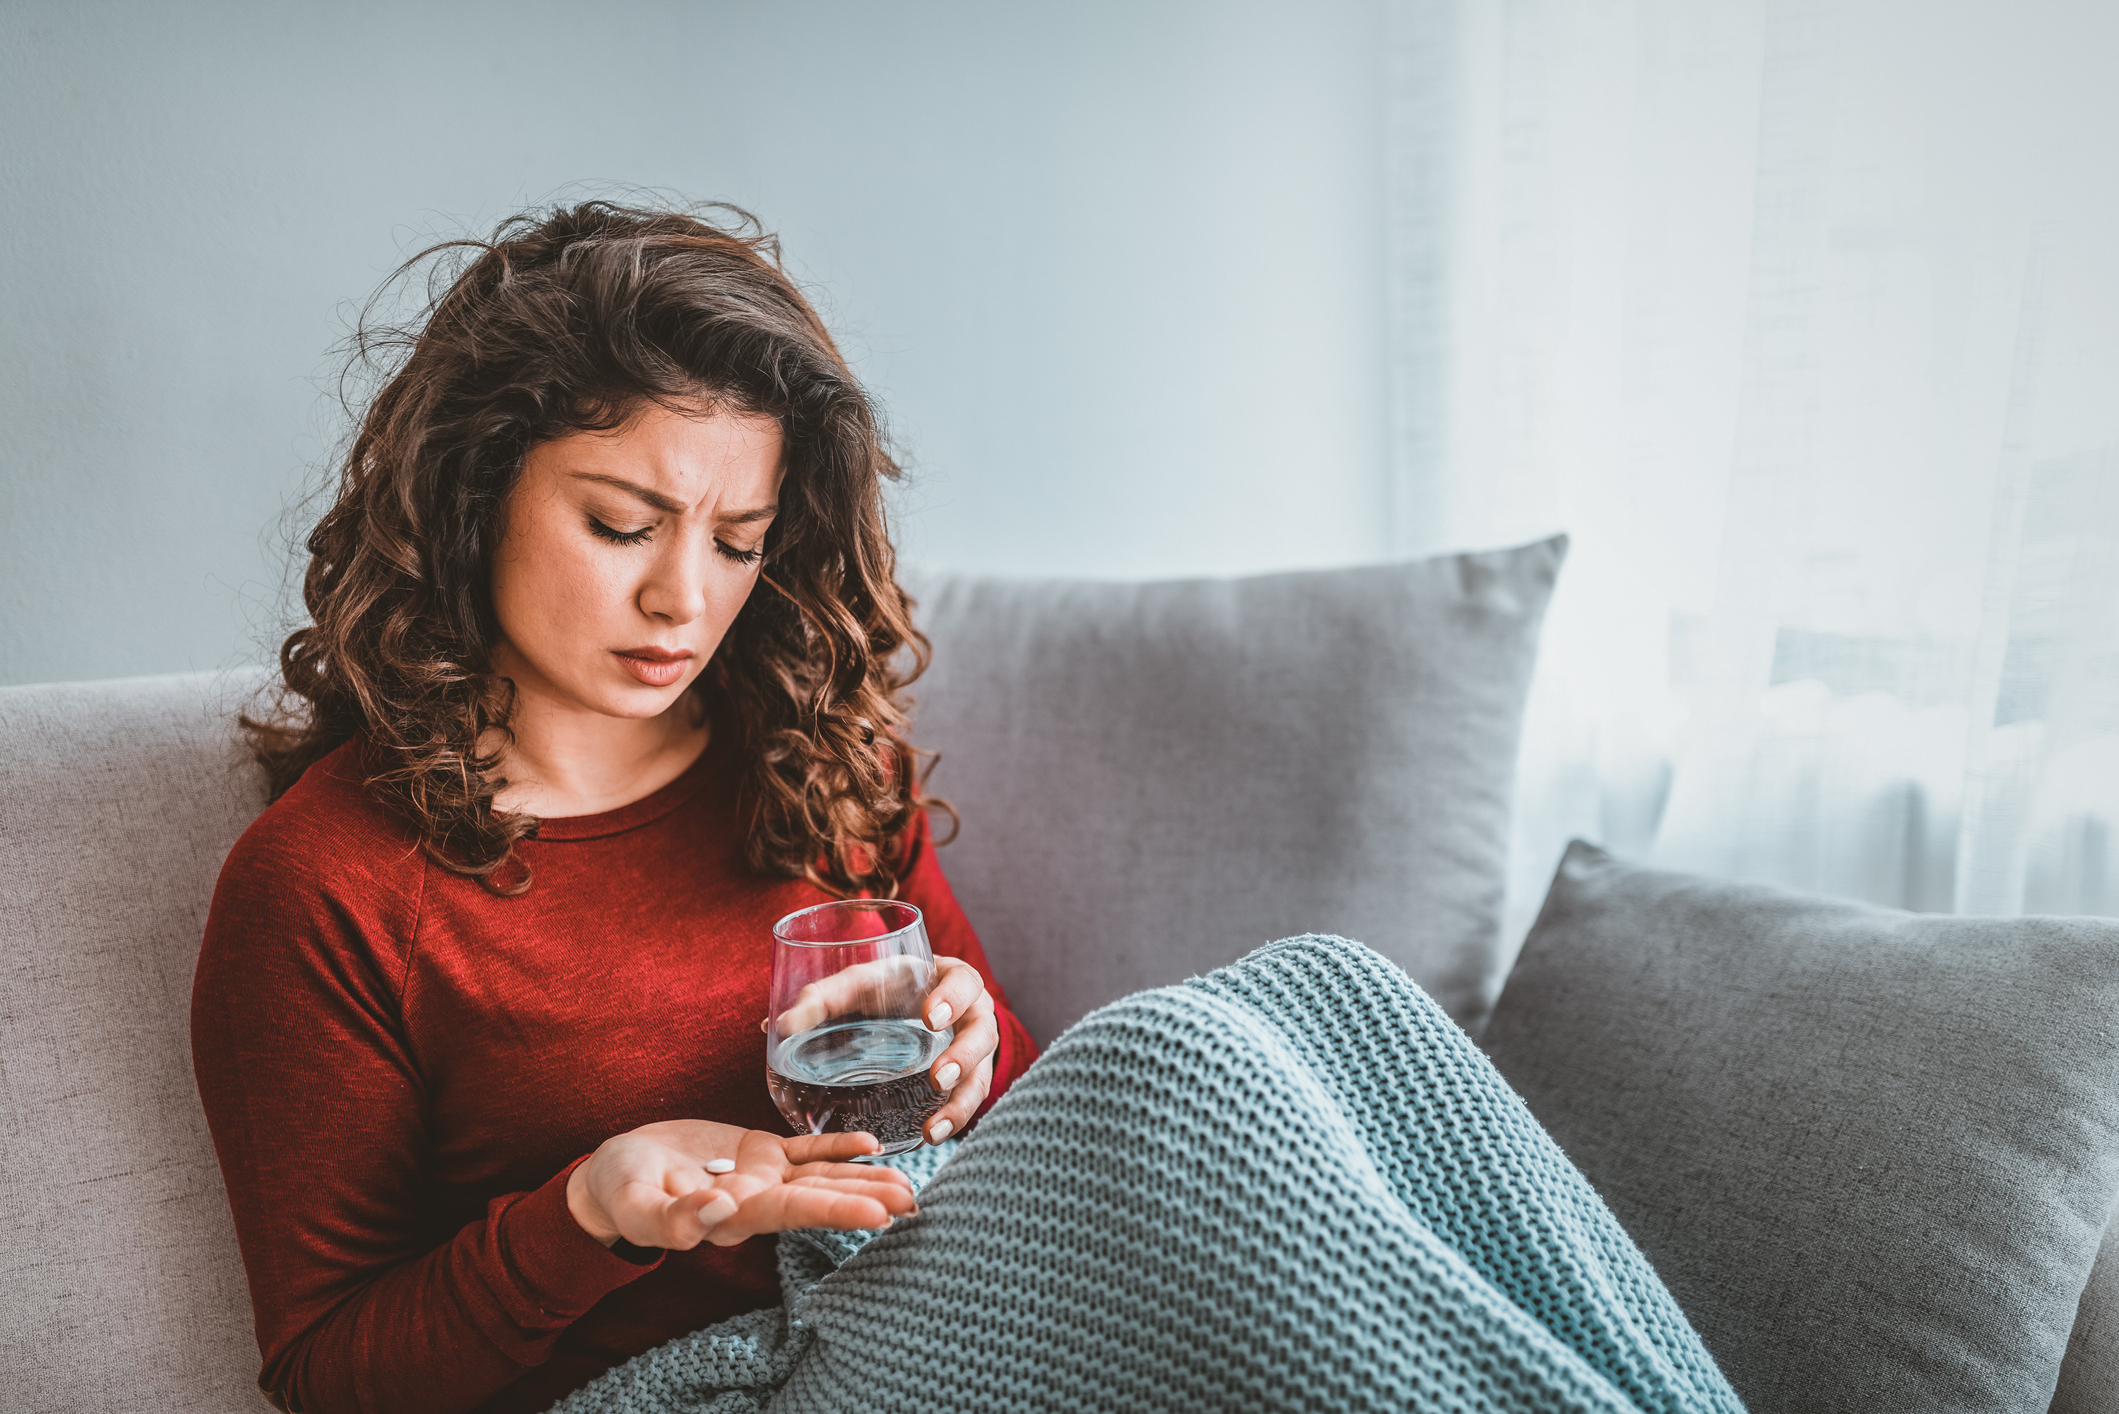 Antibiotičke kapsule i tablete najbolje je uzimati s vodom, ne s mlijekom i mliječnim proizvodima, jer bi moglo doći do usporavanja i otežavanja apsorpcije lijeka.